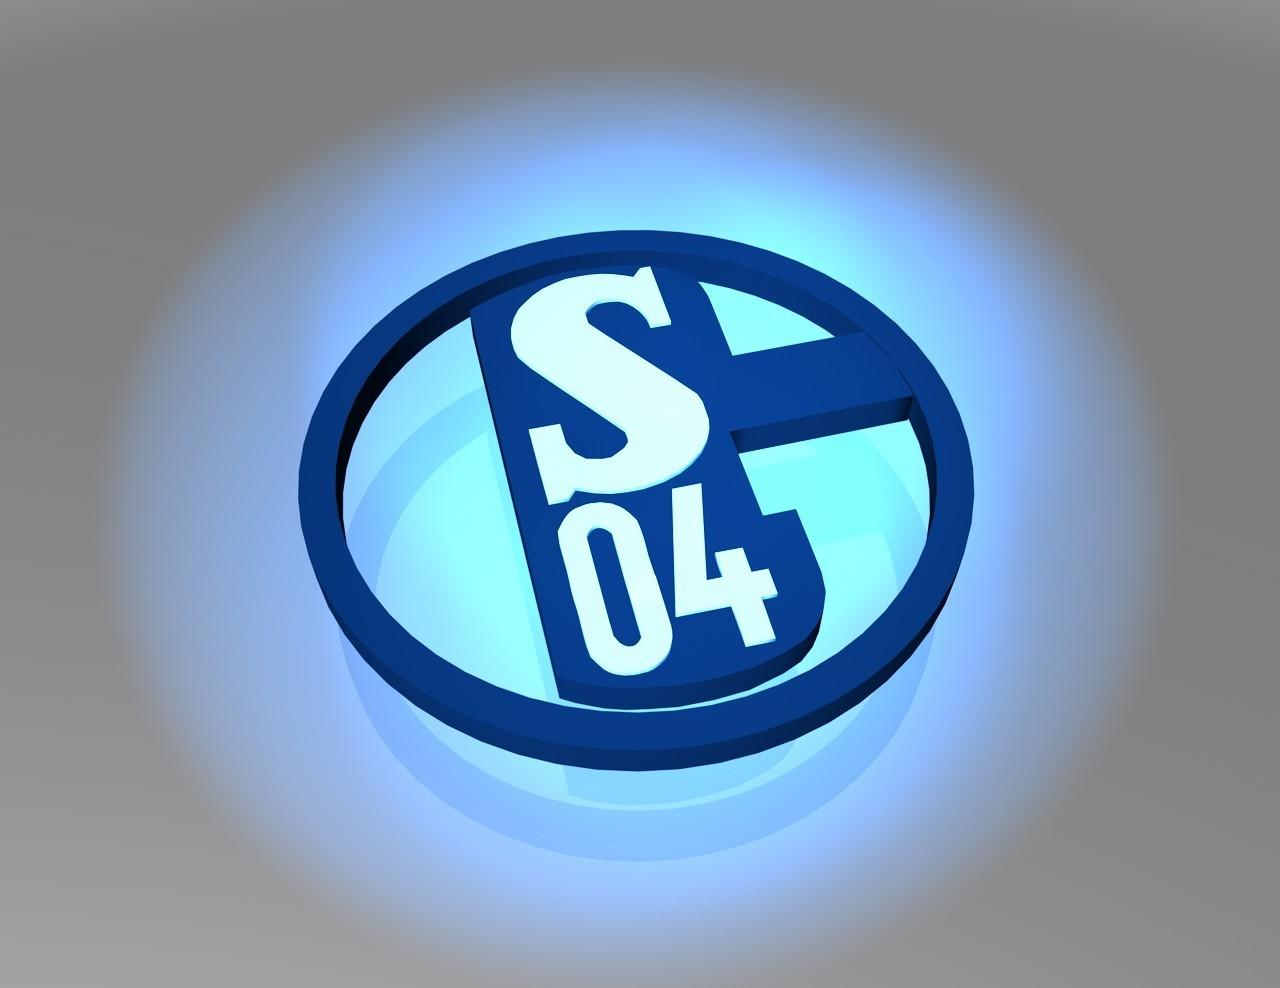 FC Schalke 04 Logo 3D Wallpaper